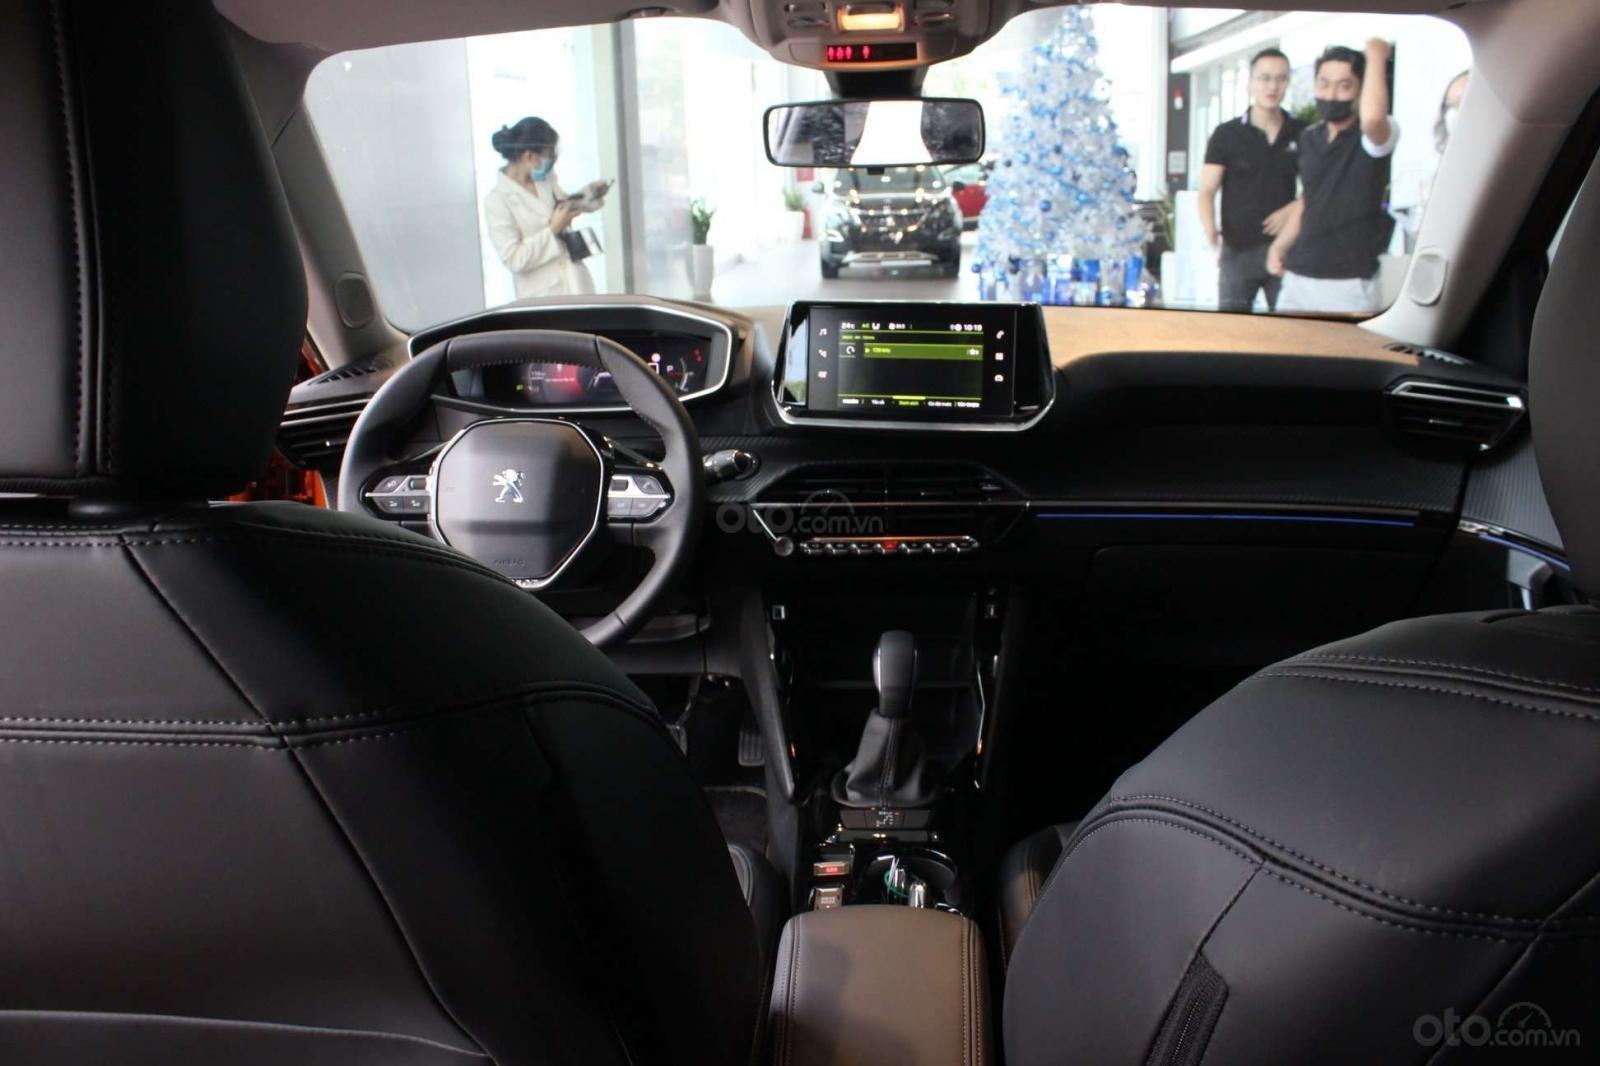 Siêu phẩm SUV - Peugeot 2008, liên hệ ngay để nhận nhiều ưu đãi hấp dẫn! (7)